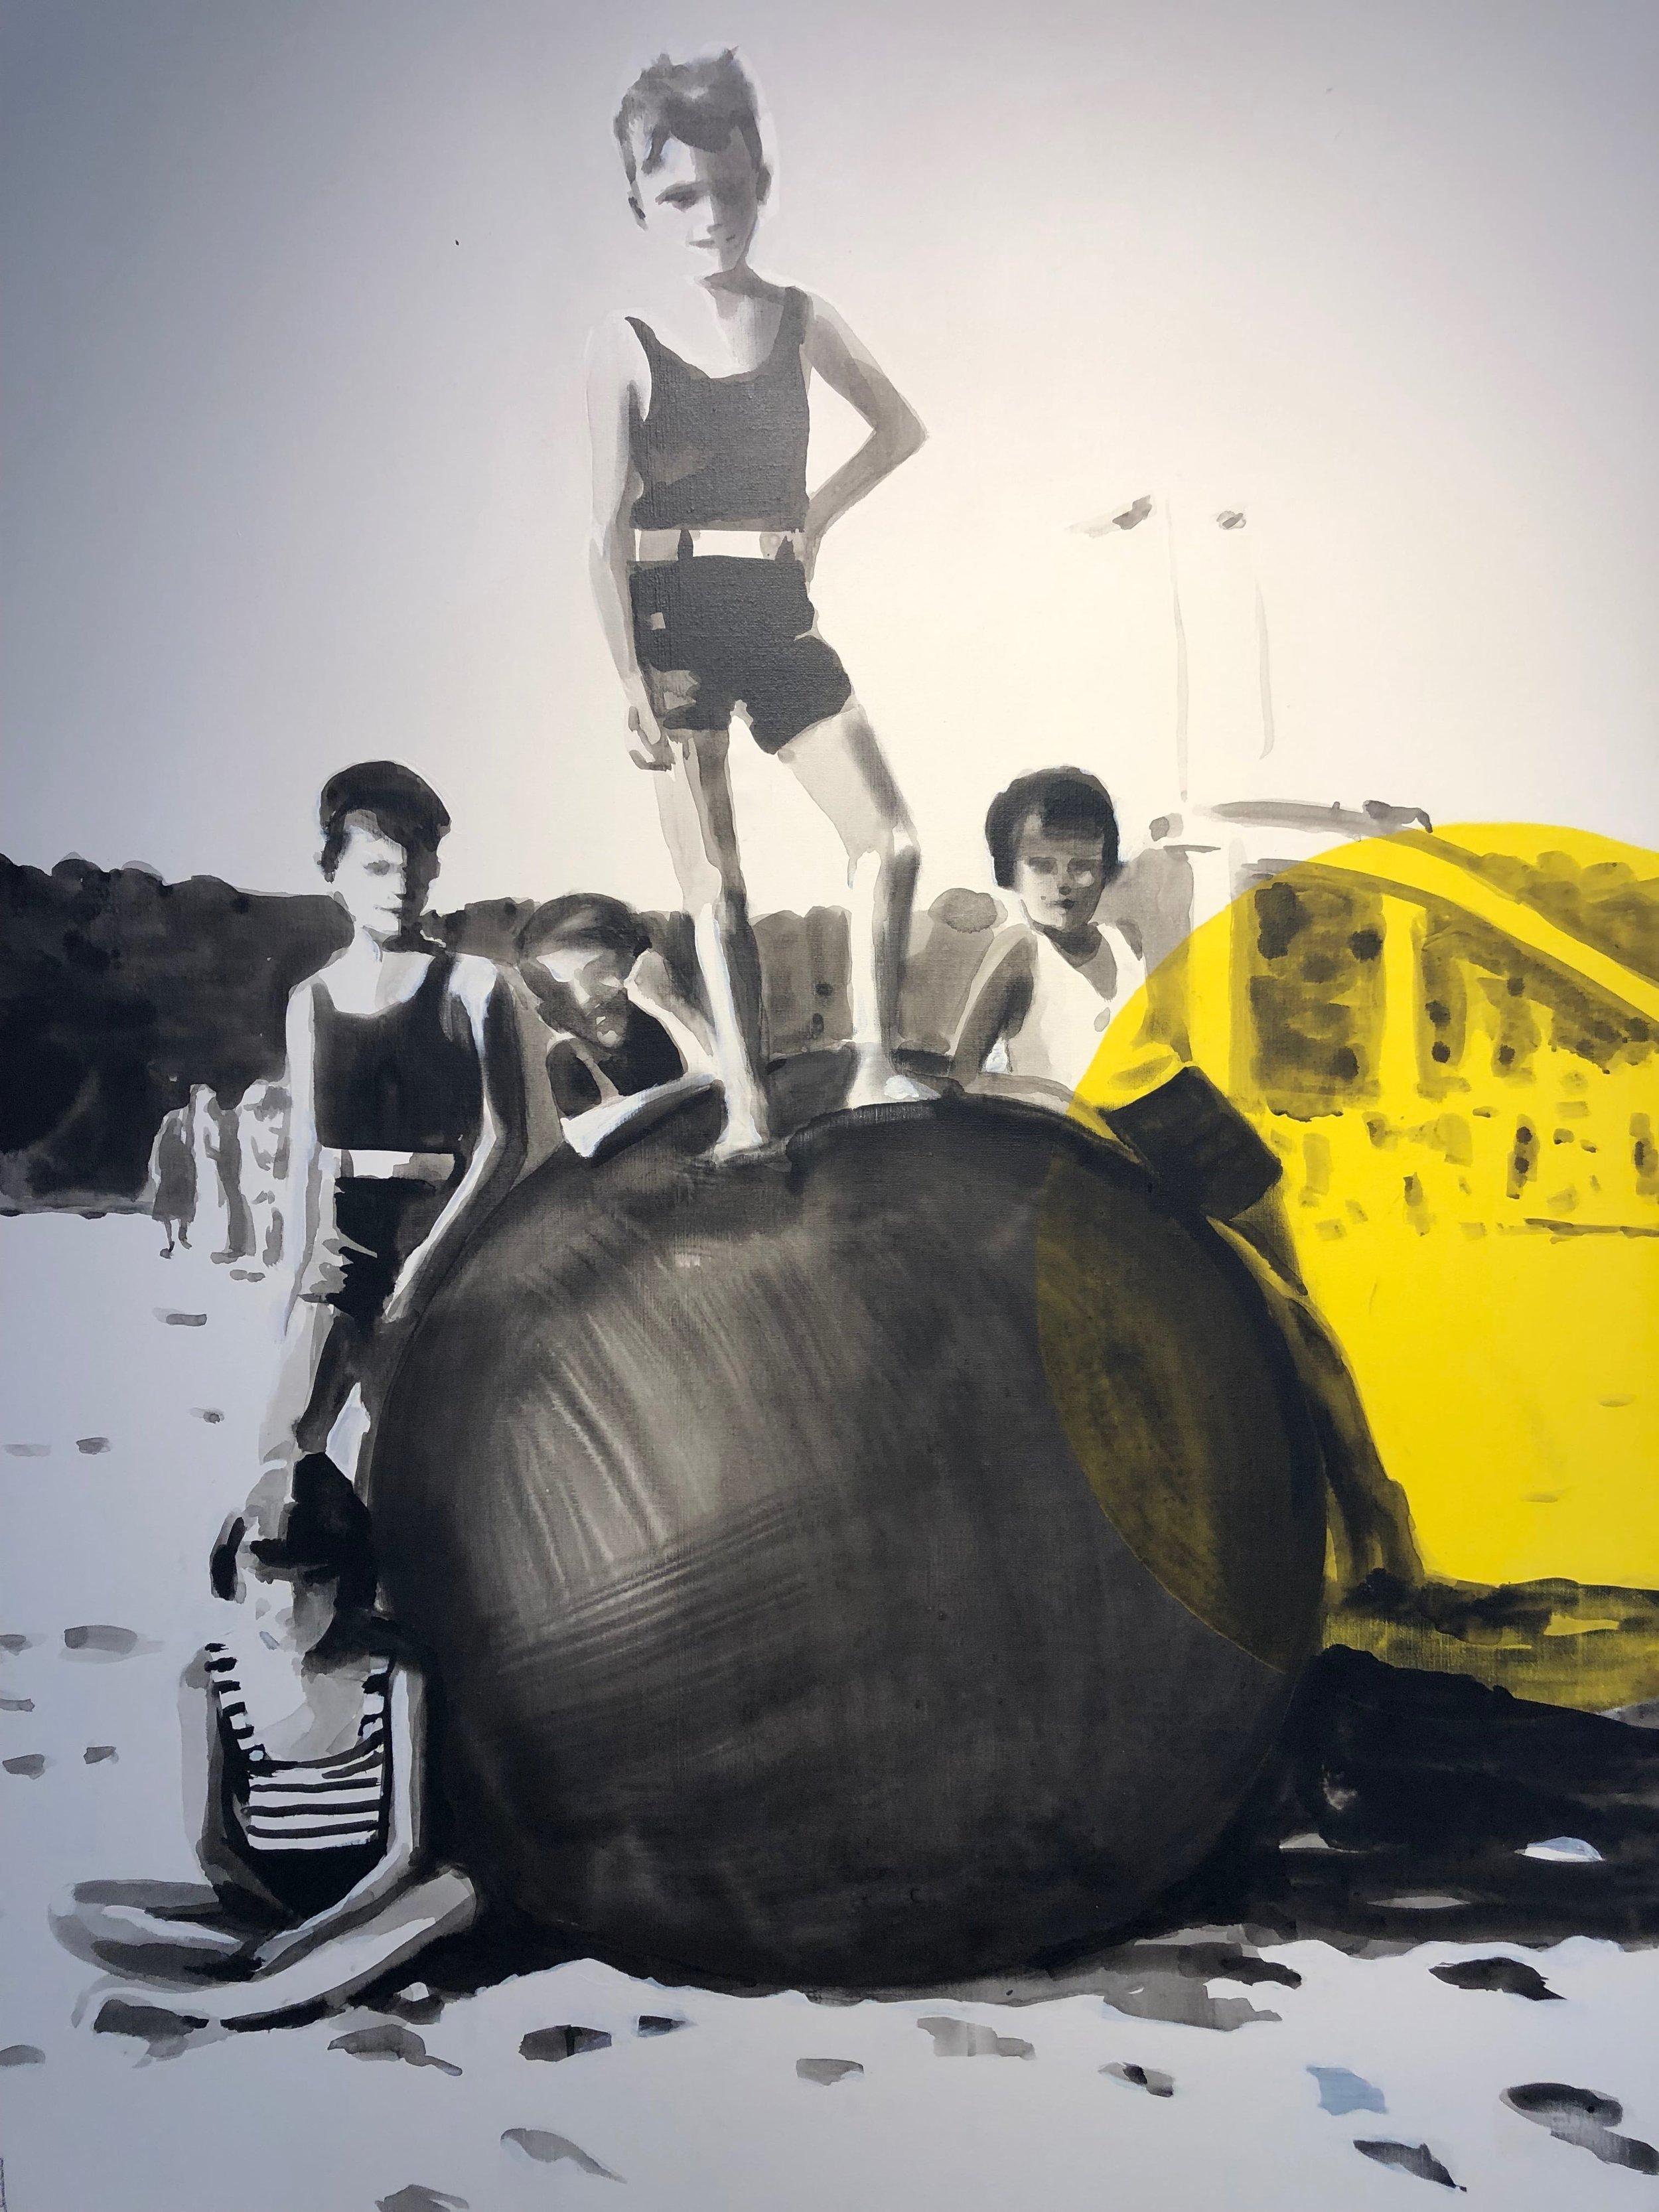 Les gosses de la plage 89x116-min.JPG